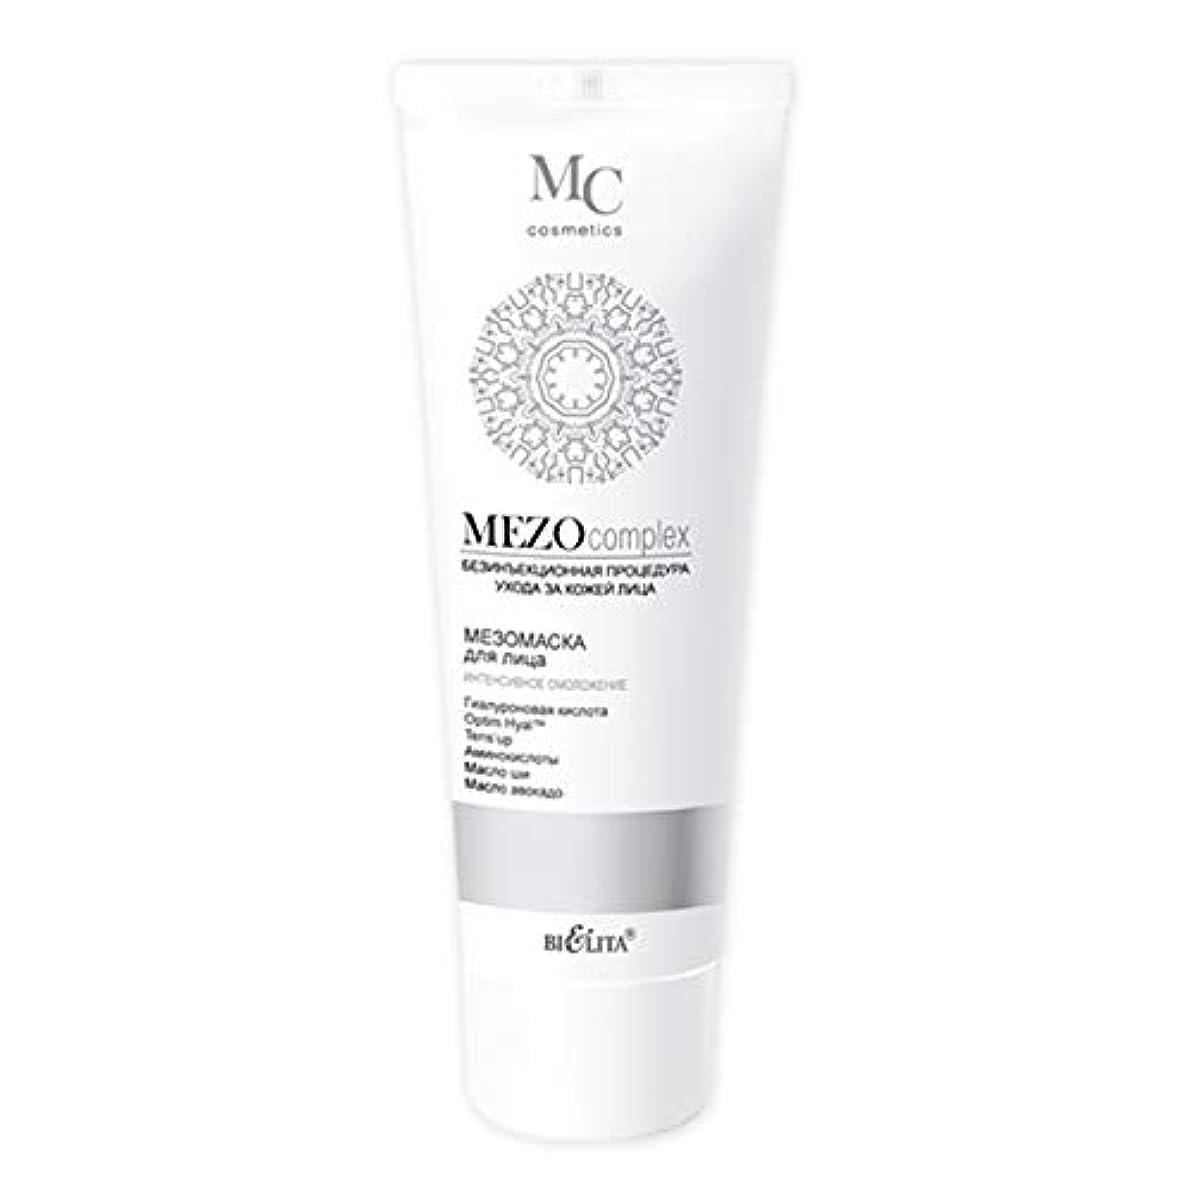 悲しみ鳩薄汚いMezo complex | Mezo MASK for the face | Non-injection facial skin care procedure | Hyaluronic acid | Optim Hyal | Tens'up | Cocktail of amino acids | Shea Butter | Avocado oil | Active formula | 100 ml